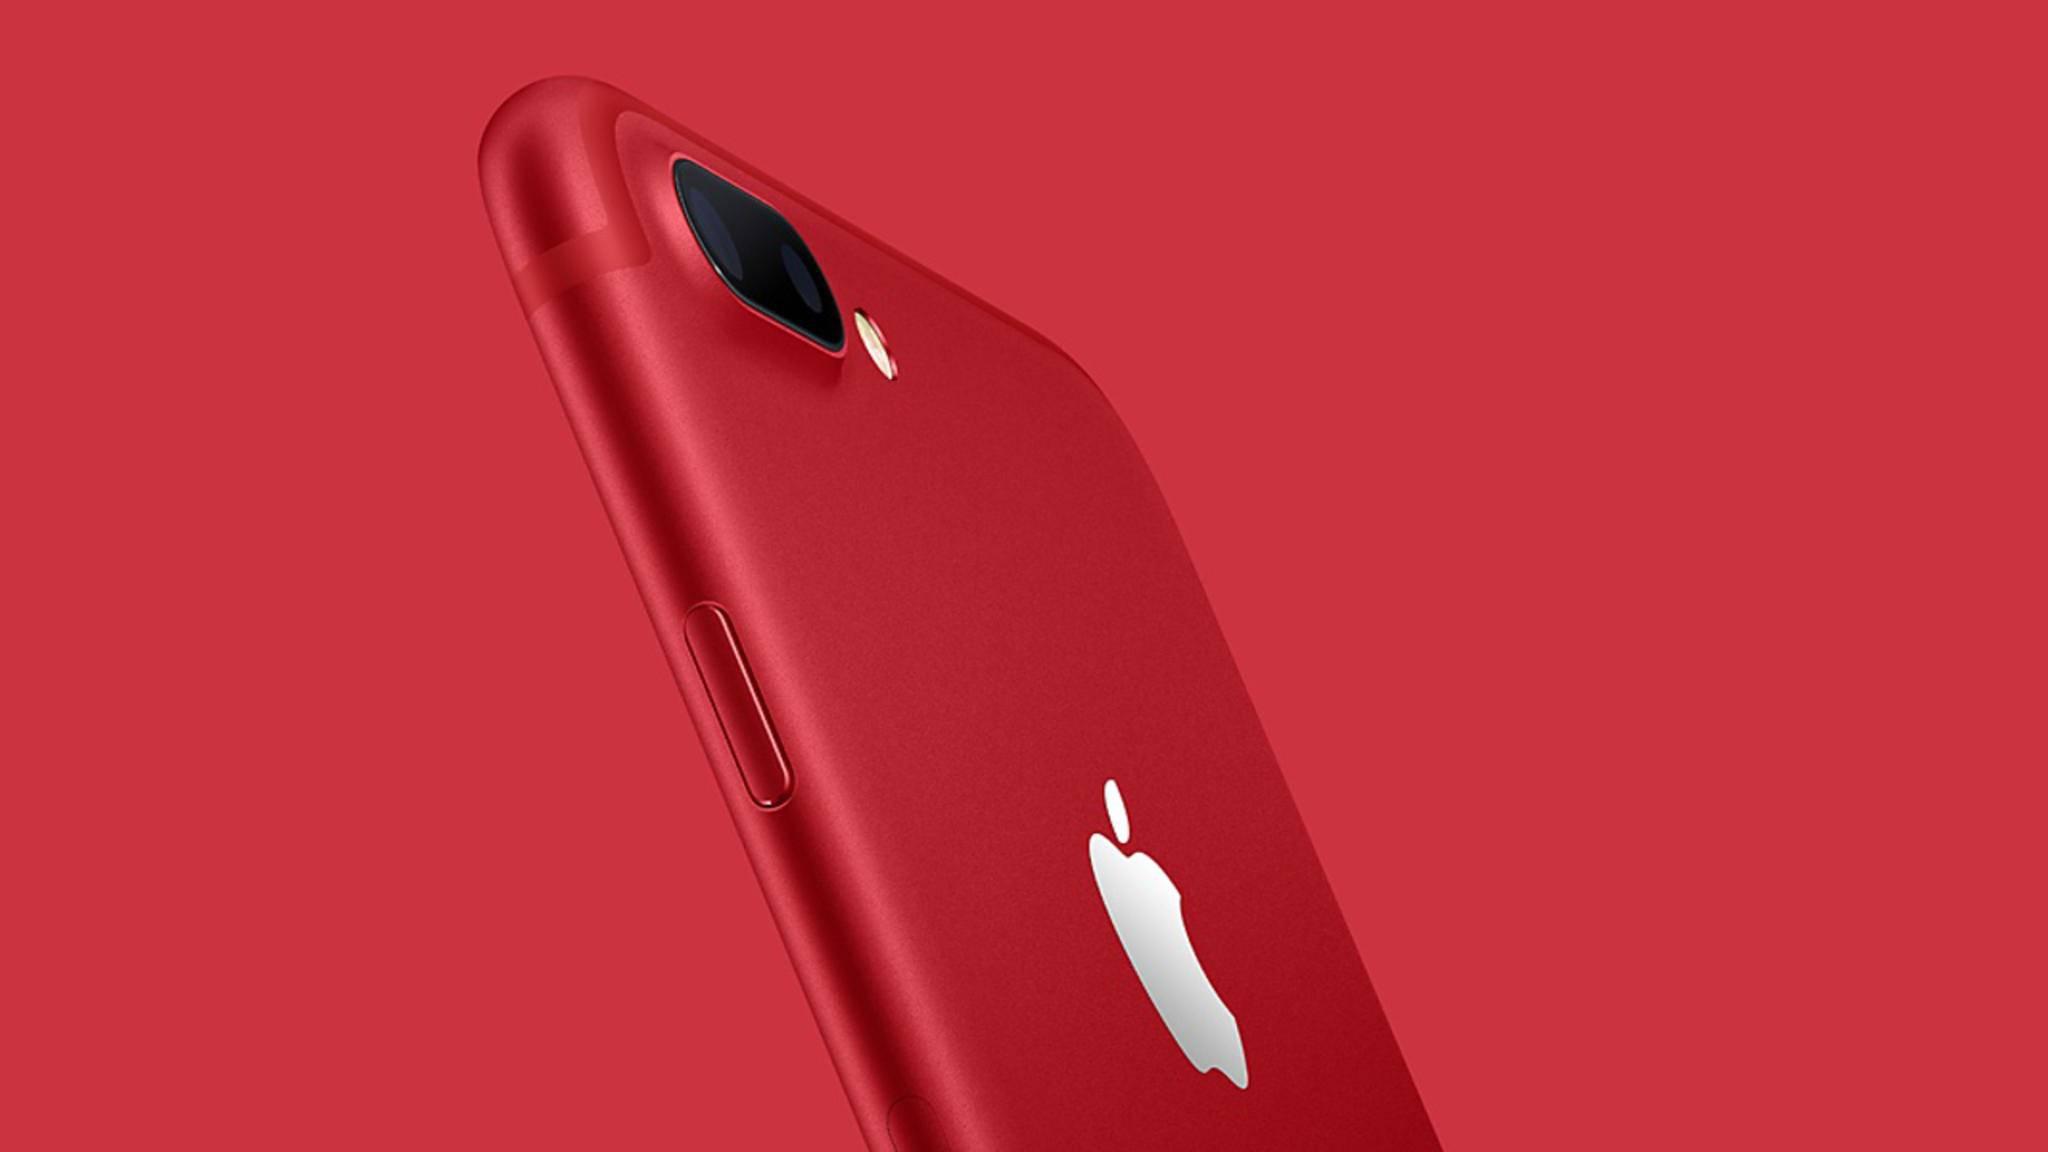 Das iPhone 7 gibt es jetzt auch in Rot.